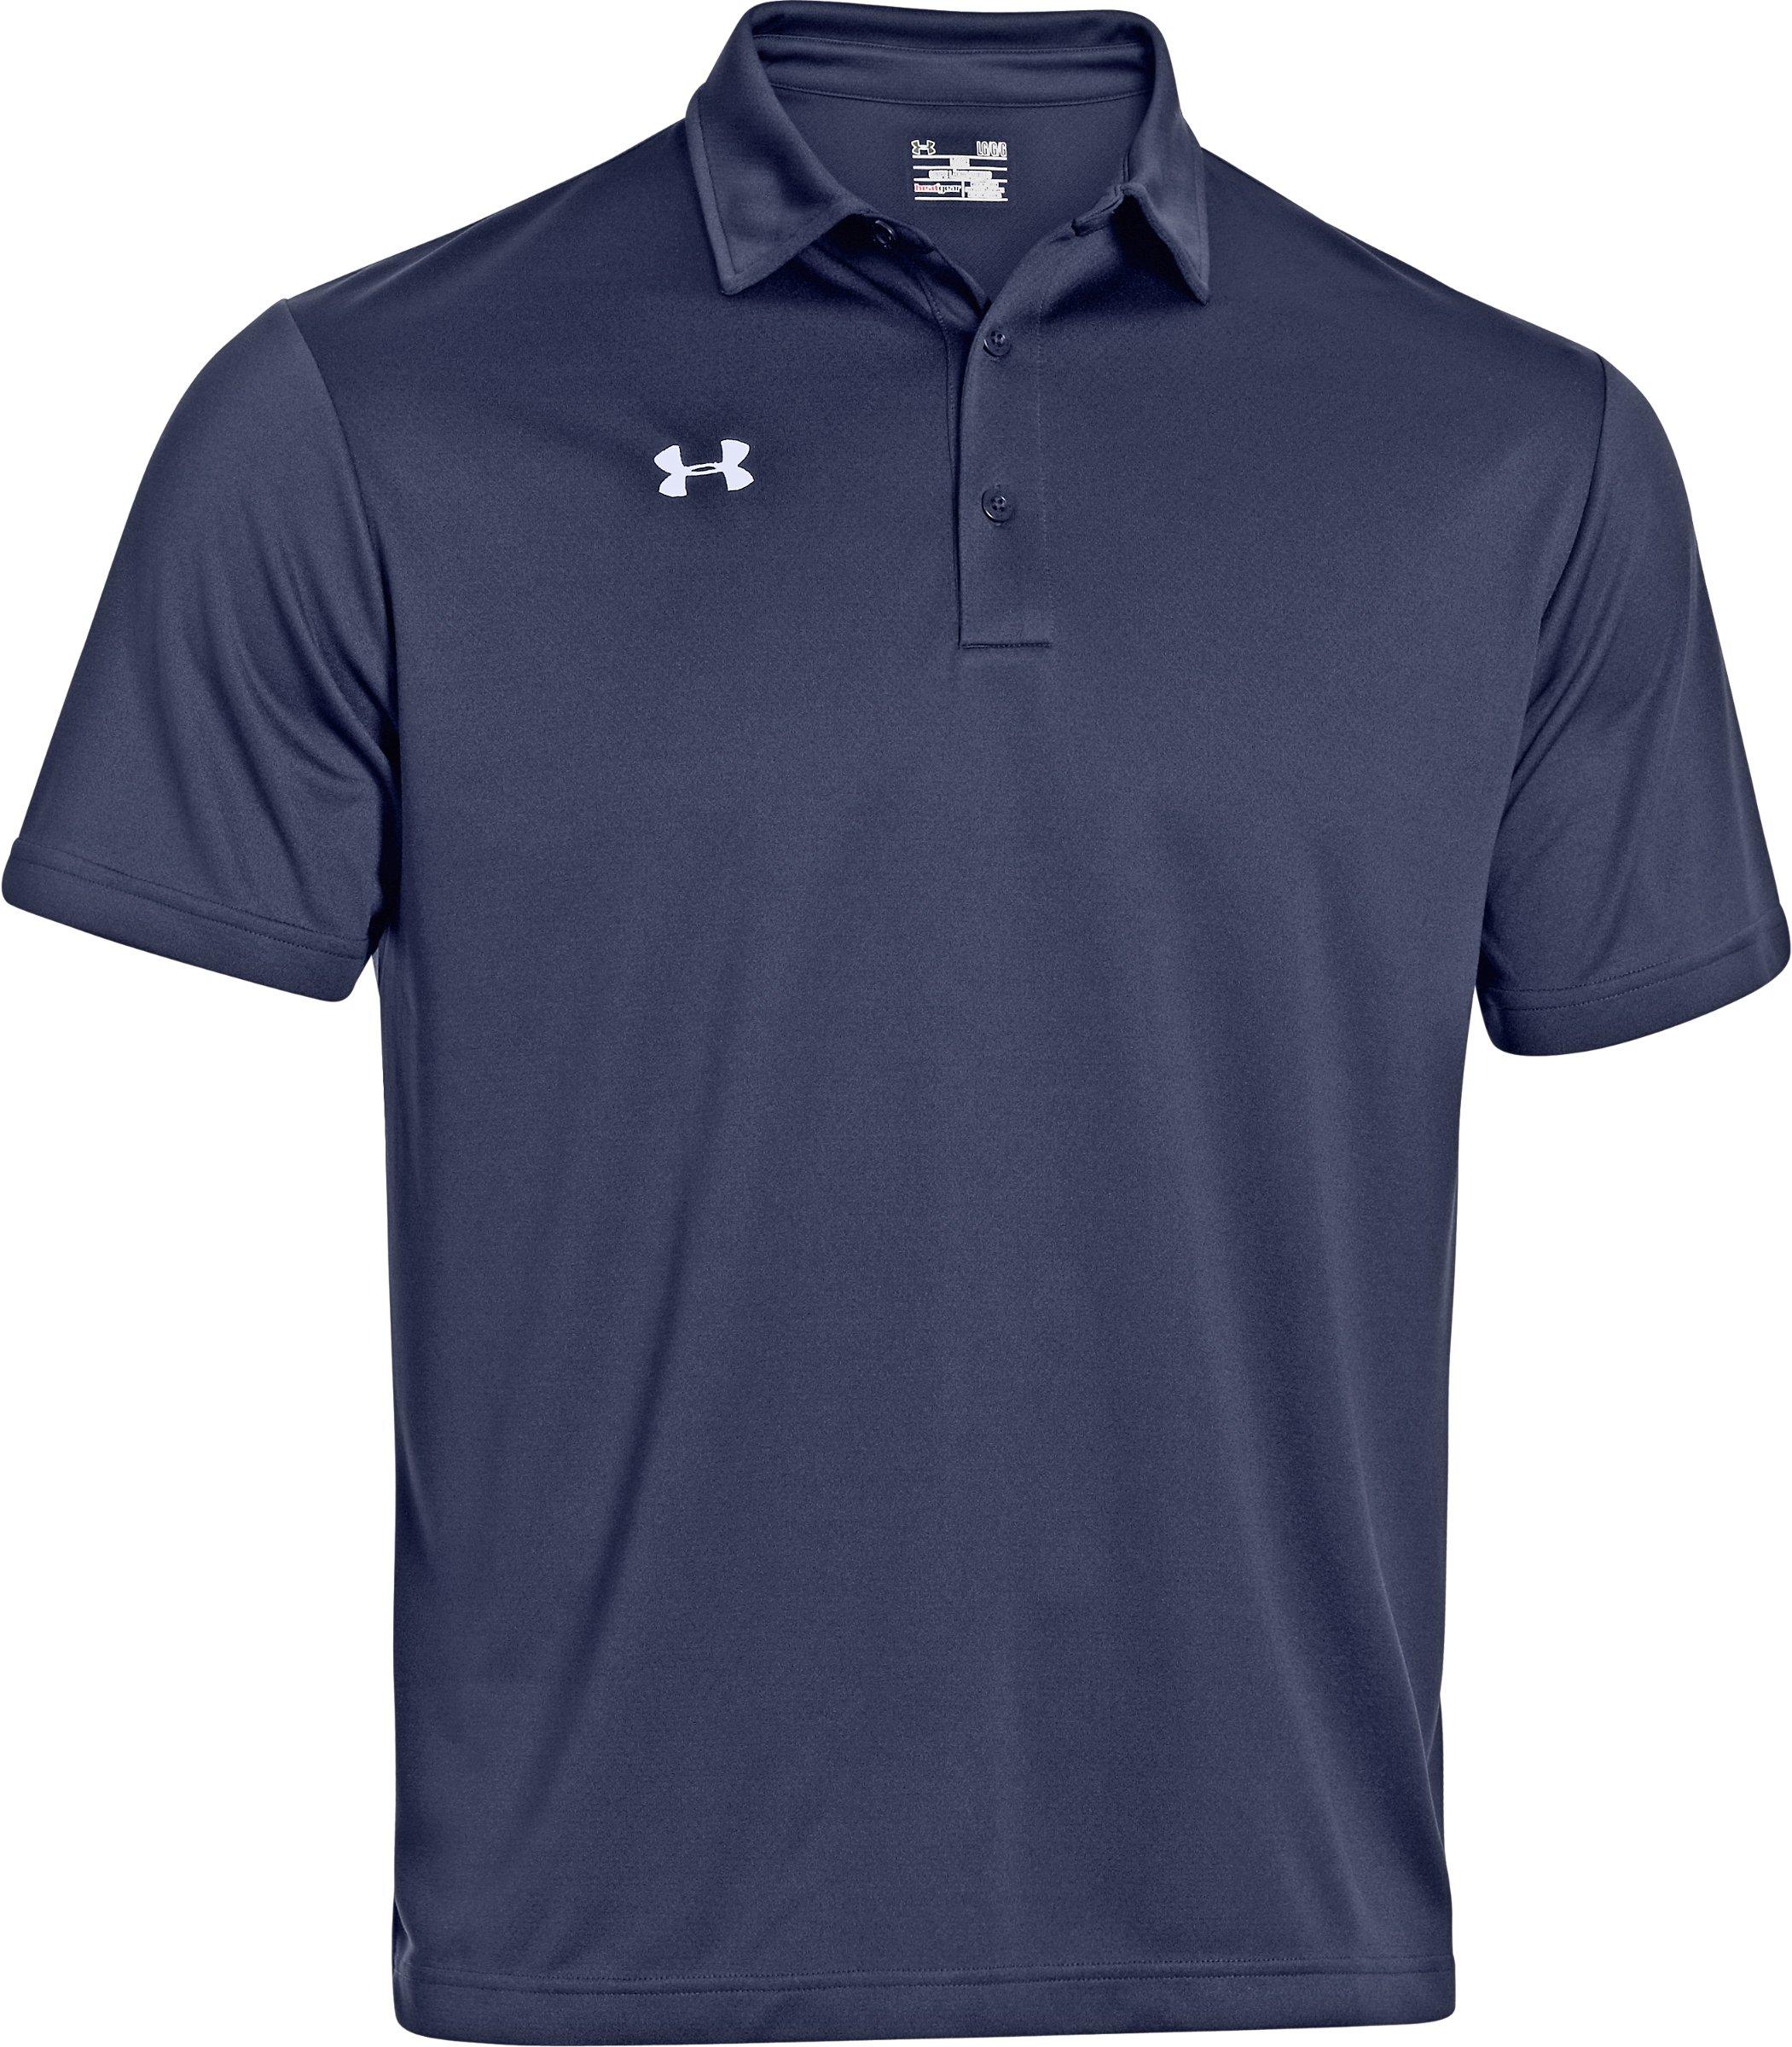 Under Armour Men/'s Team/'s Armour Polo Golf Shirt, Medium, Midnight Blue